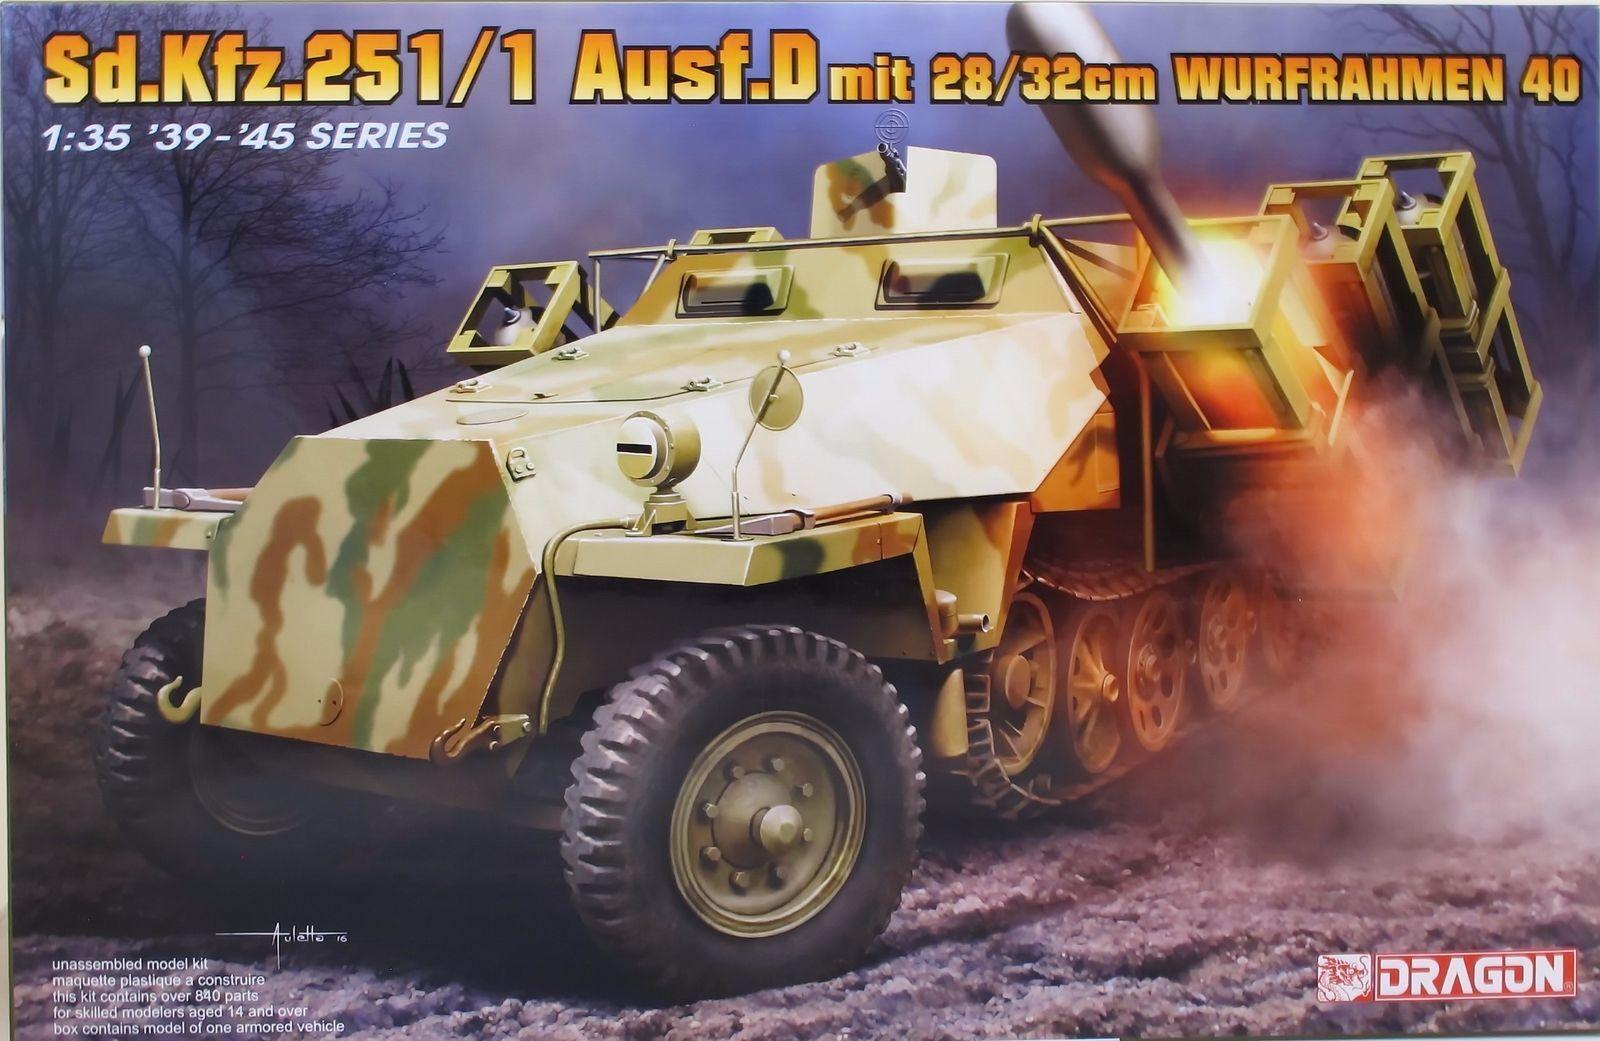 Drago 6861 sd.kfz.251 ausf. d (28   32cm wurfrahmen 40 1   35 kit modello.